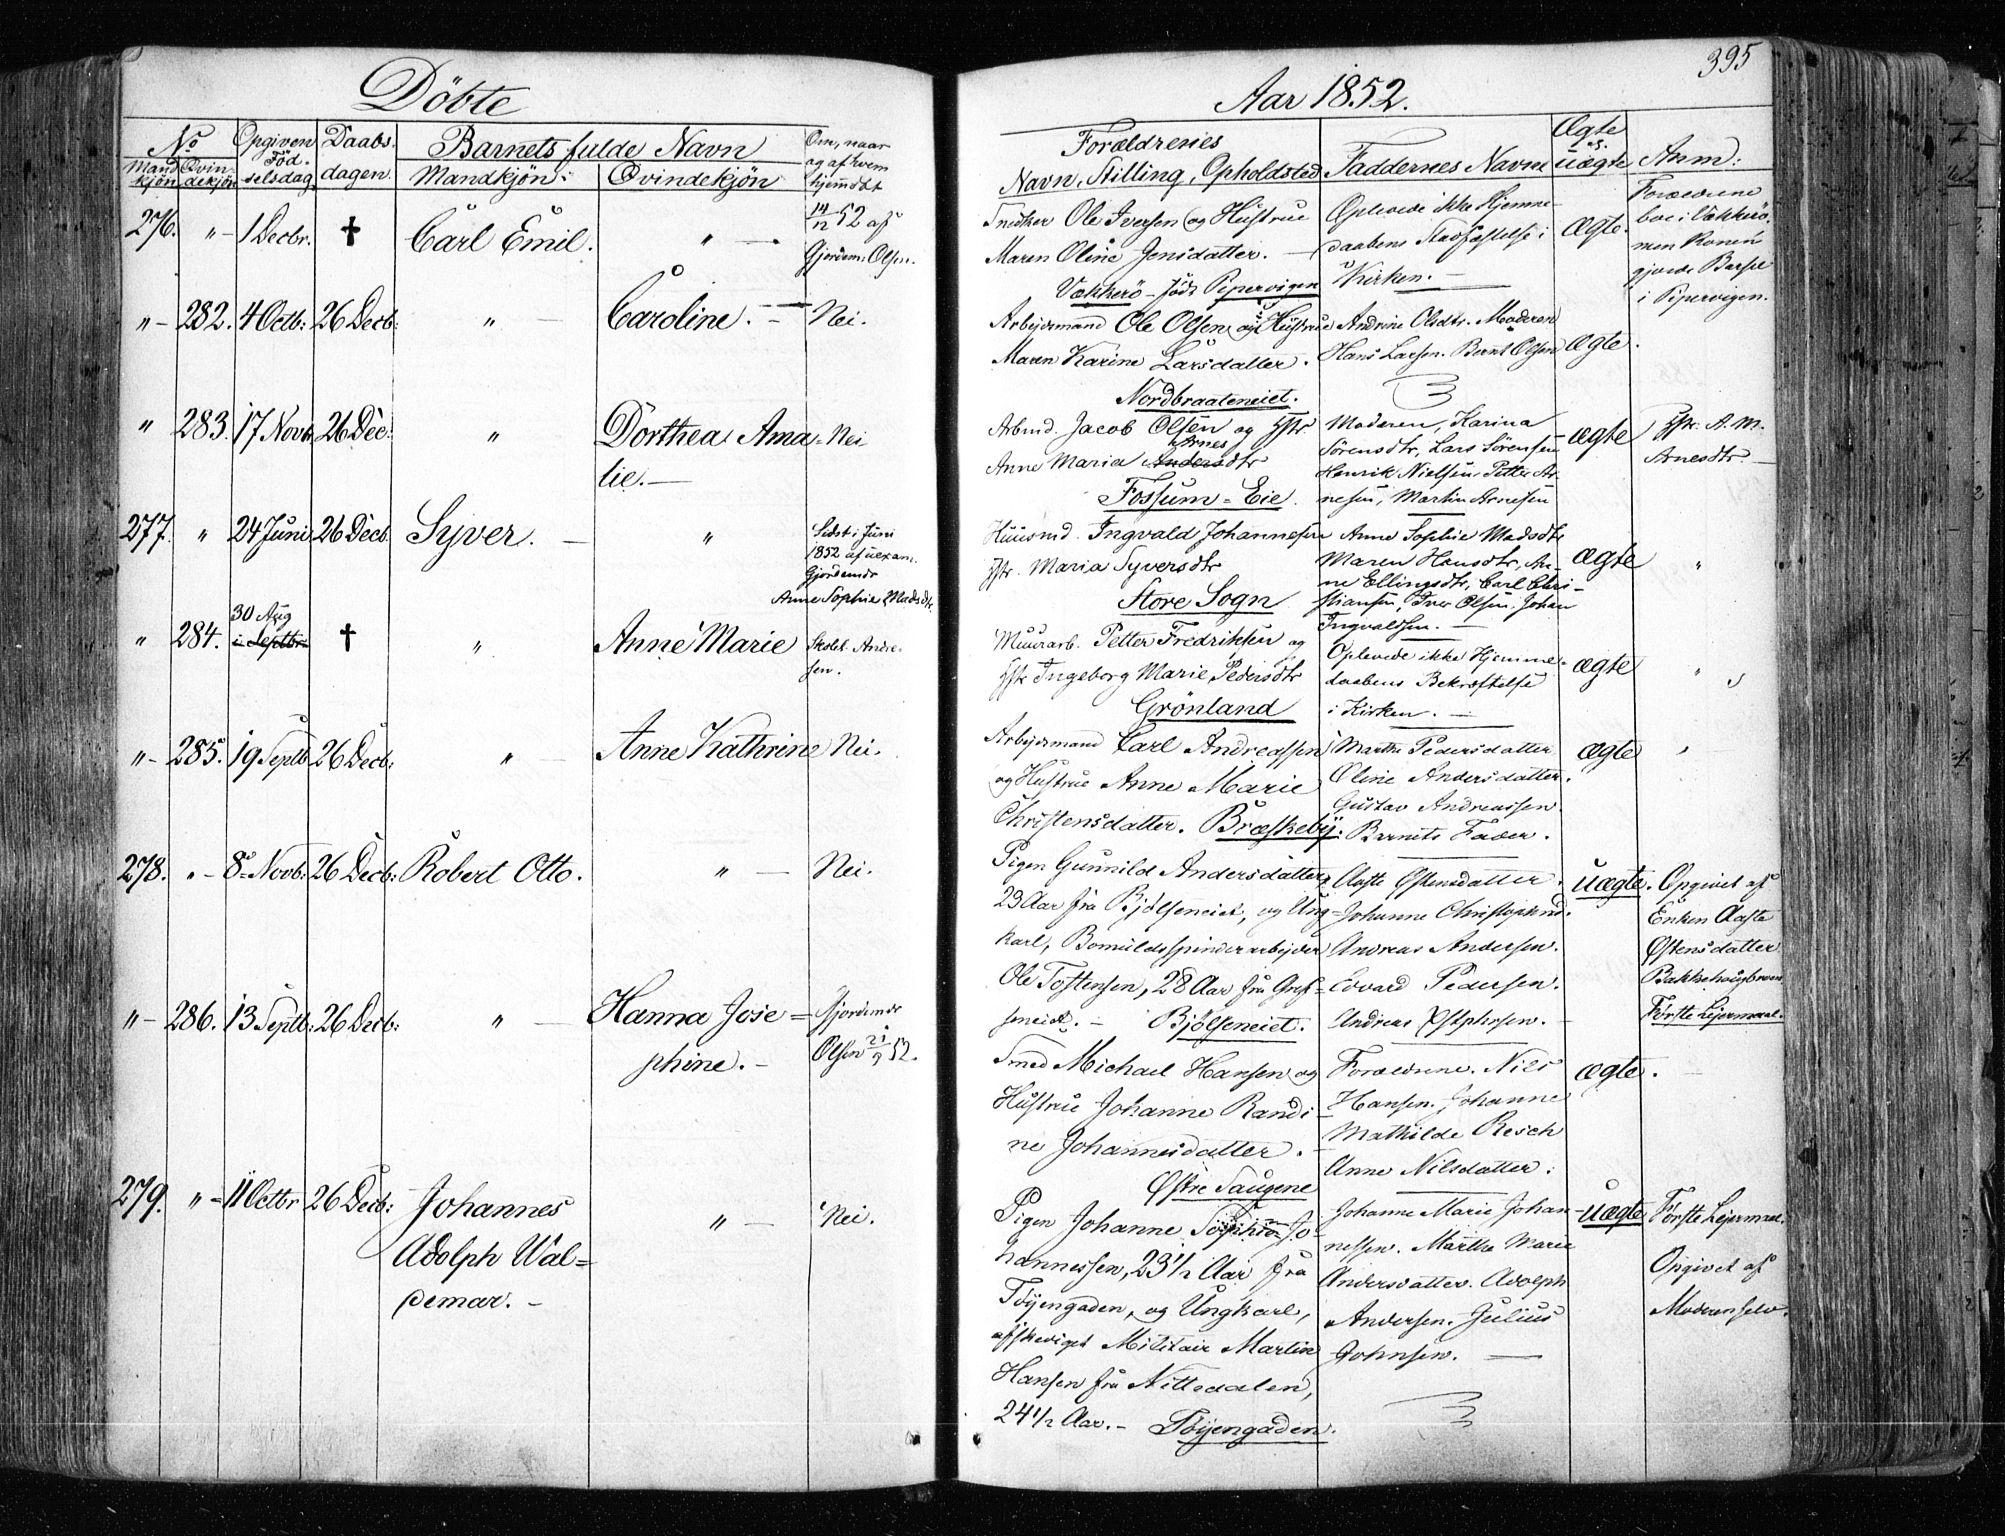 SAO, Aker prestekontor kirkebøker, F/L0019: Ministerialbok nr. 19, 1842-1852, s. 395